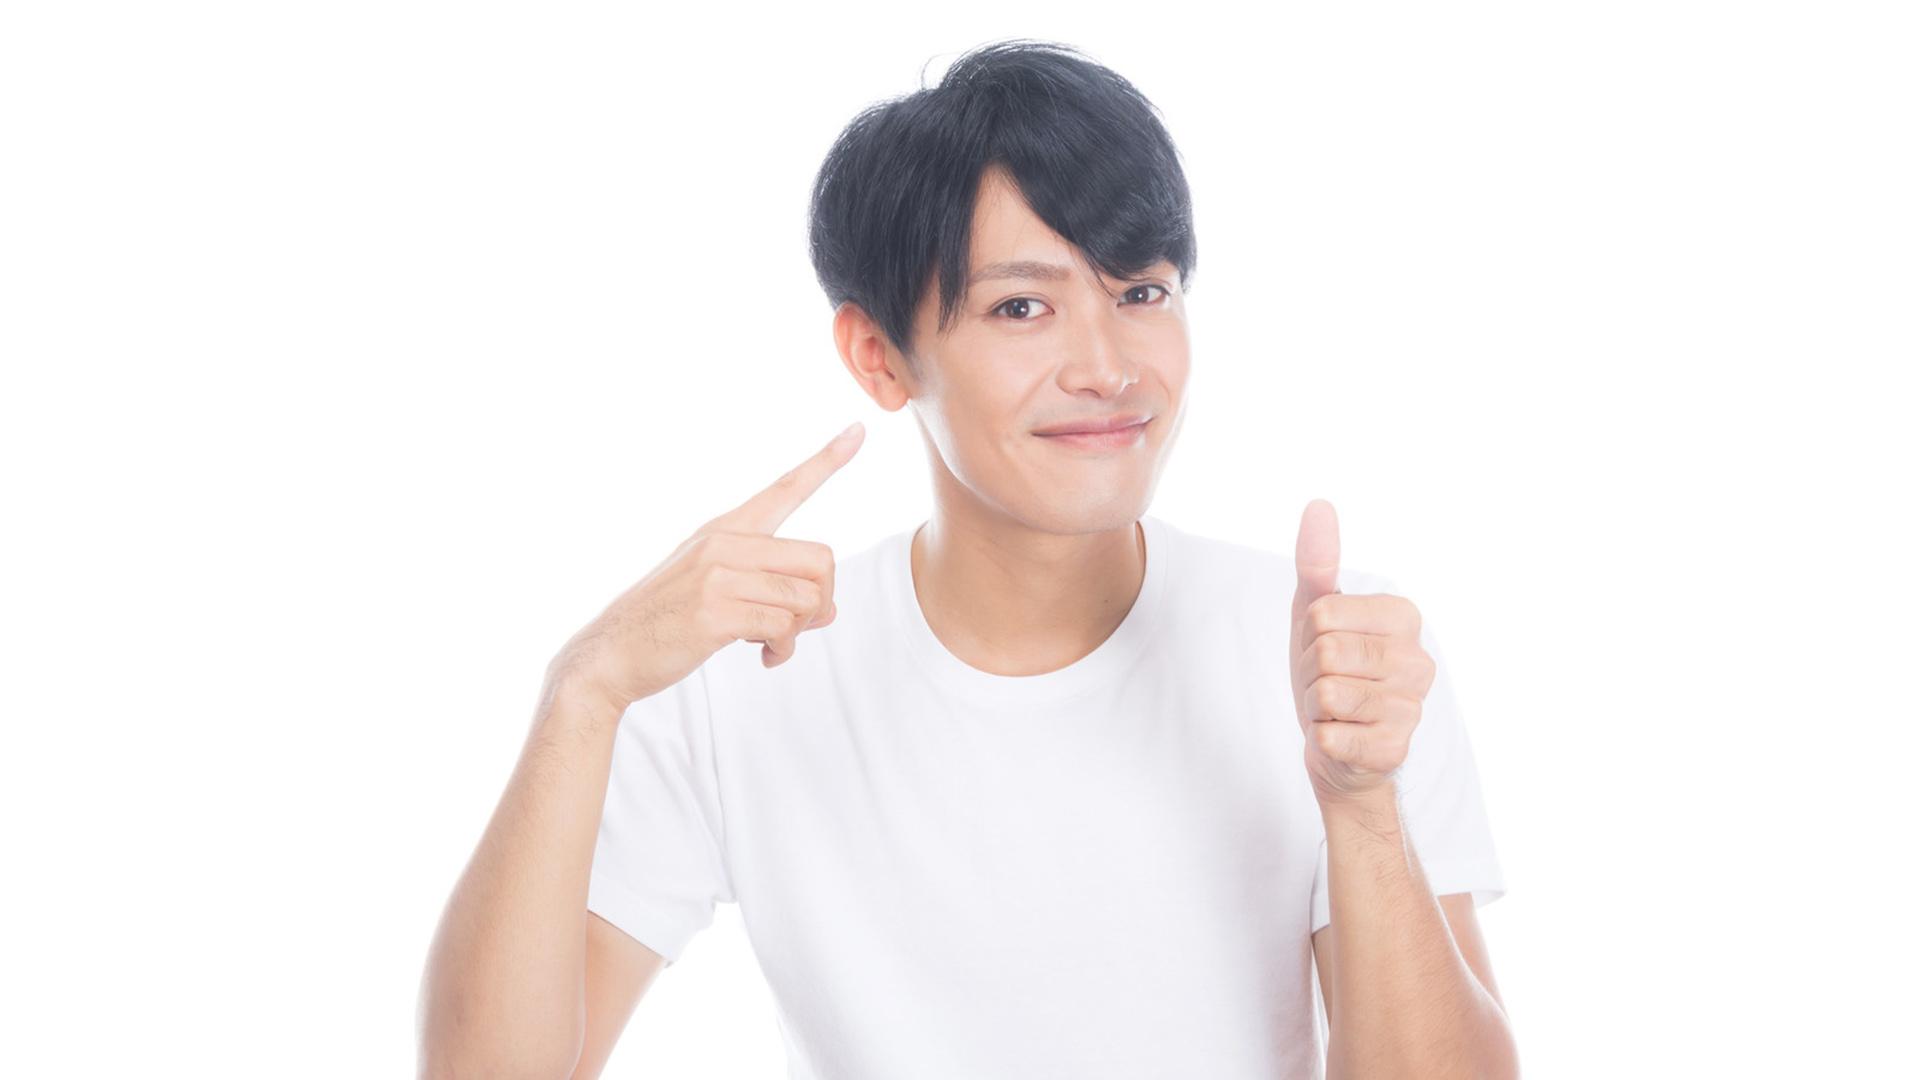 【経験談】ニキビができない方法5選!ニキビ予防には何が重要?